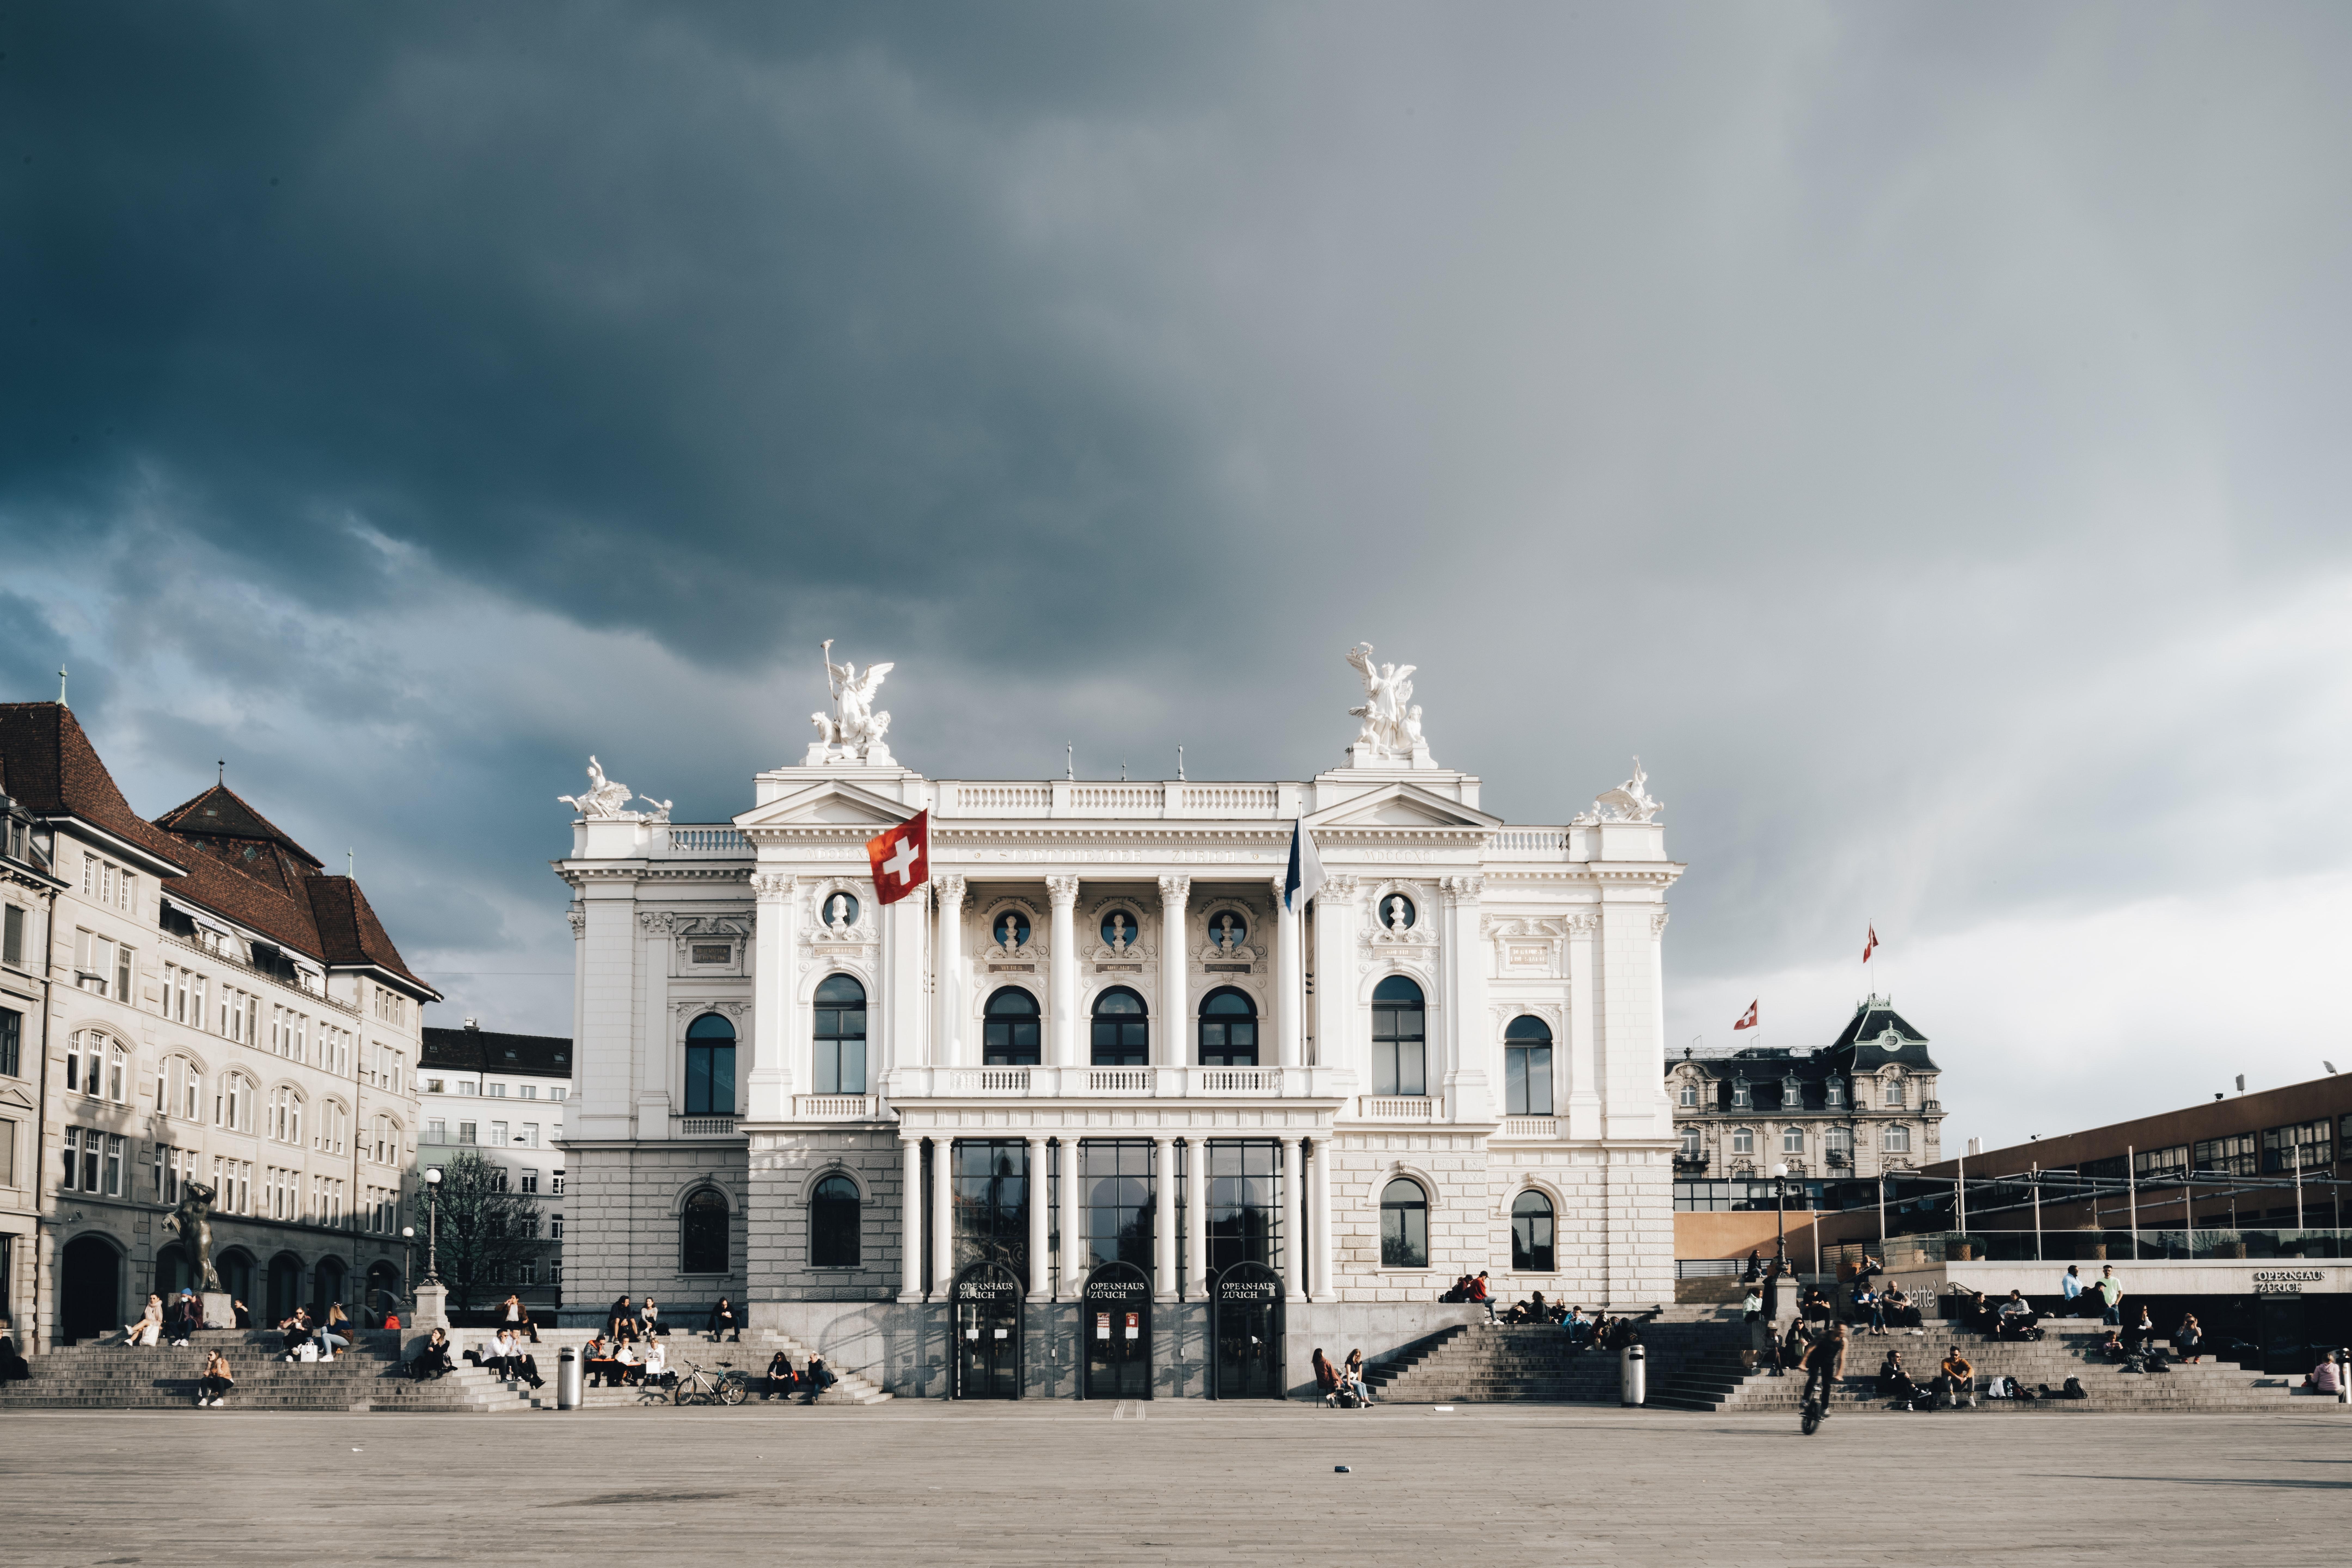 opernhaus, 15 things to do to enjoy nightlife in Switzerland